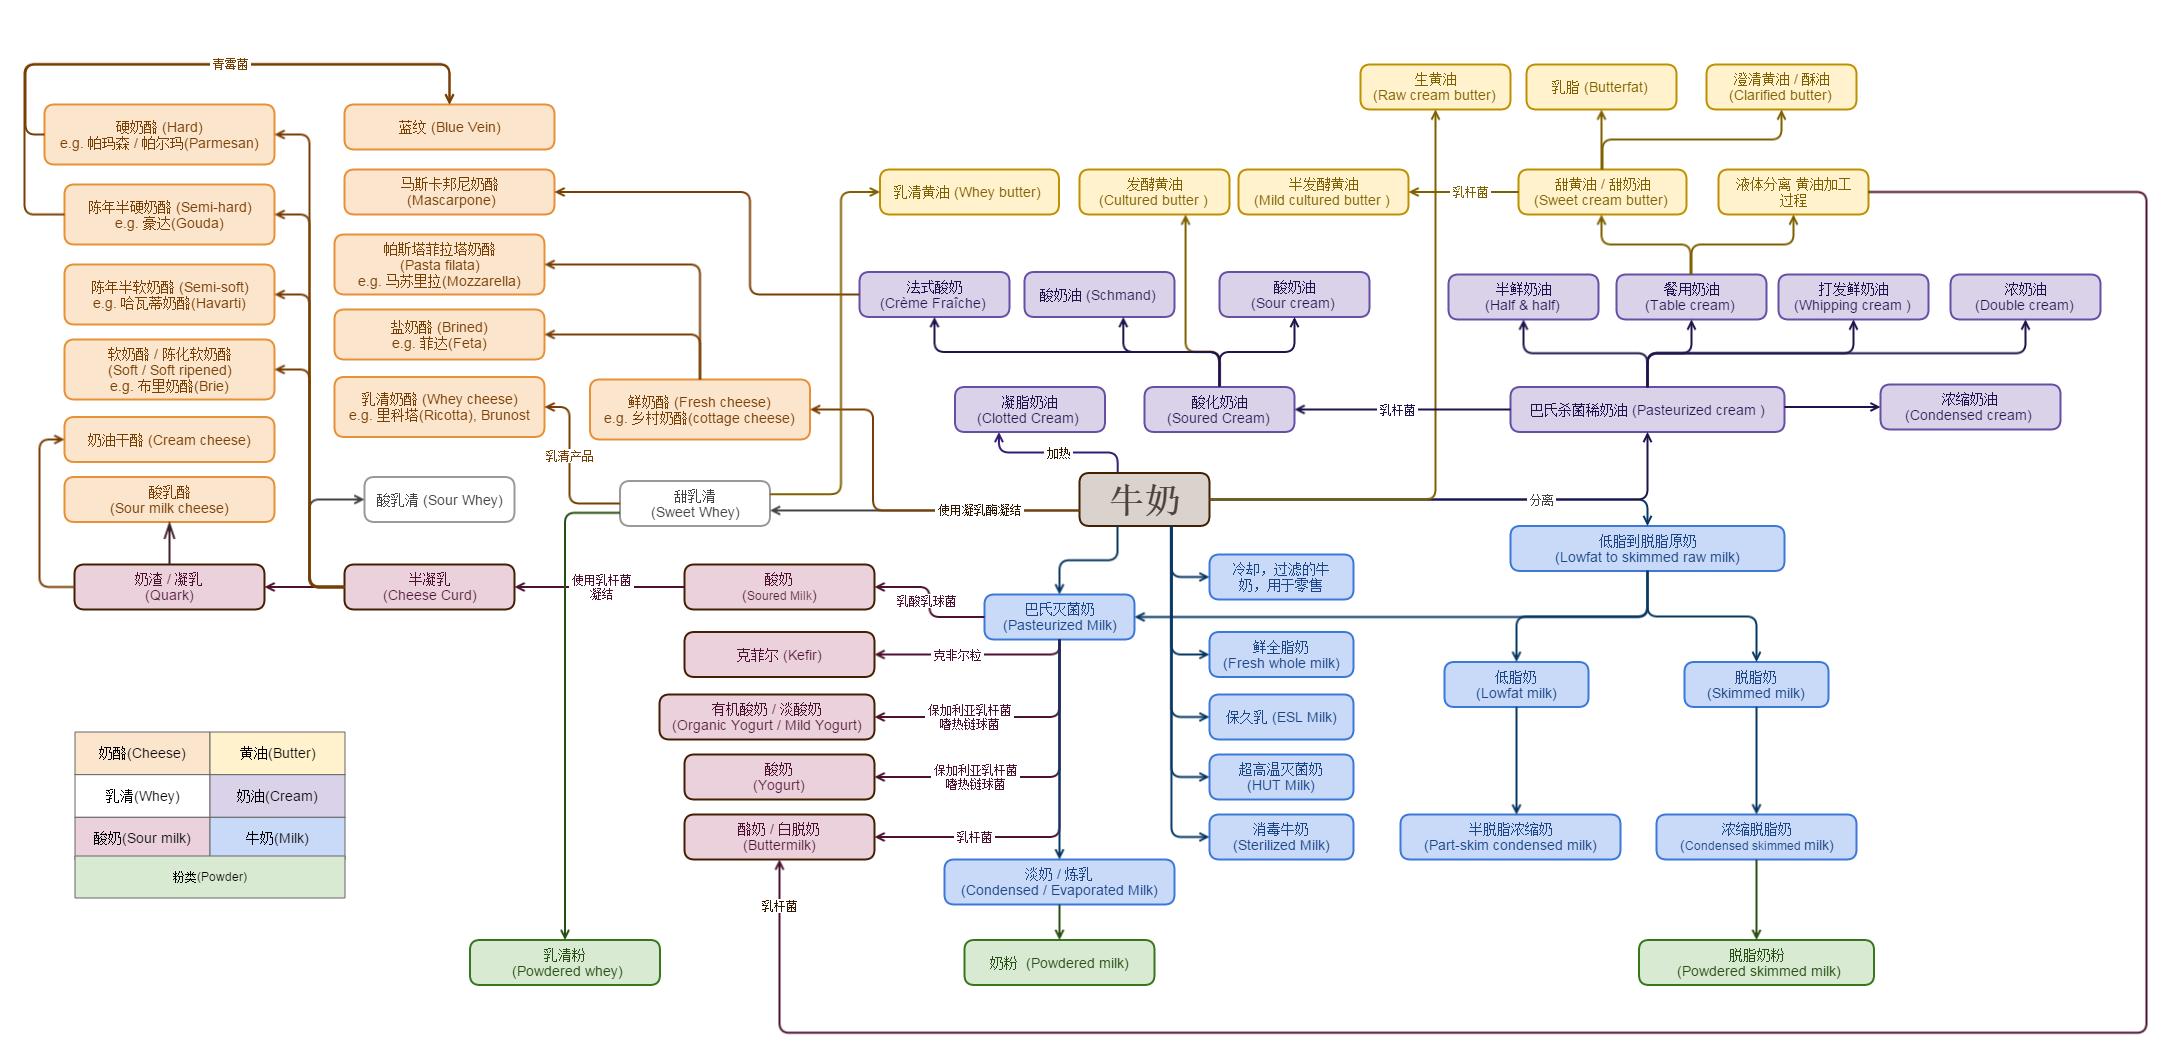 超实用!帮你在线创建图表/流程图的Gliffy